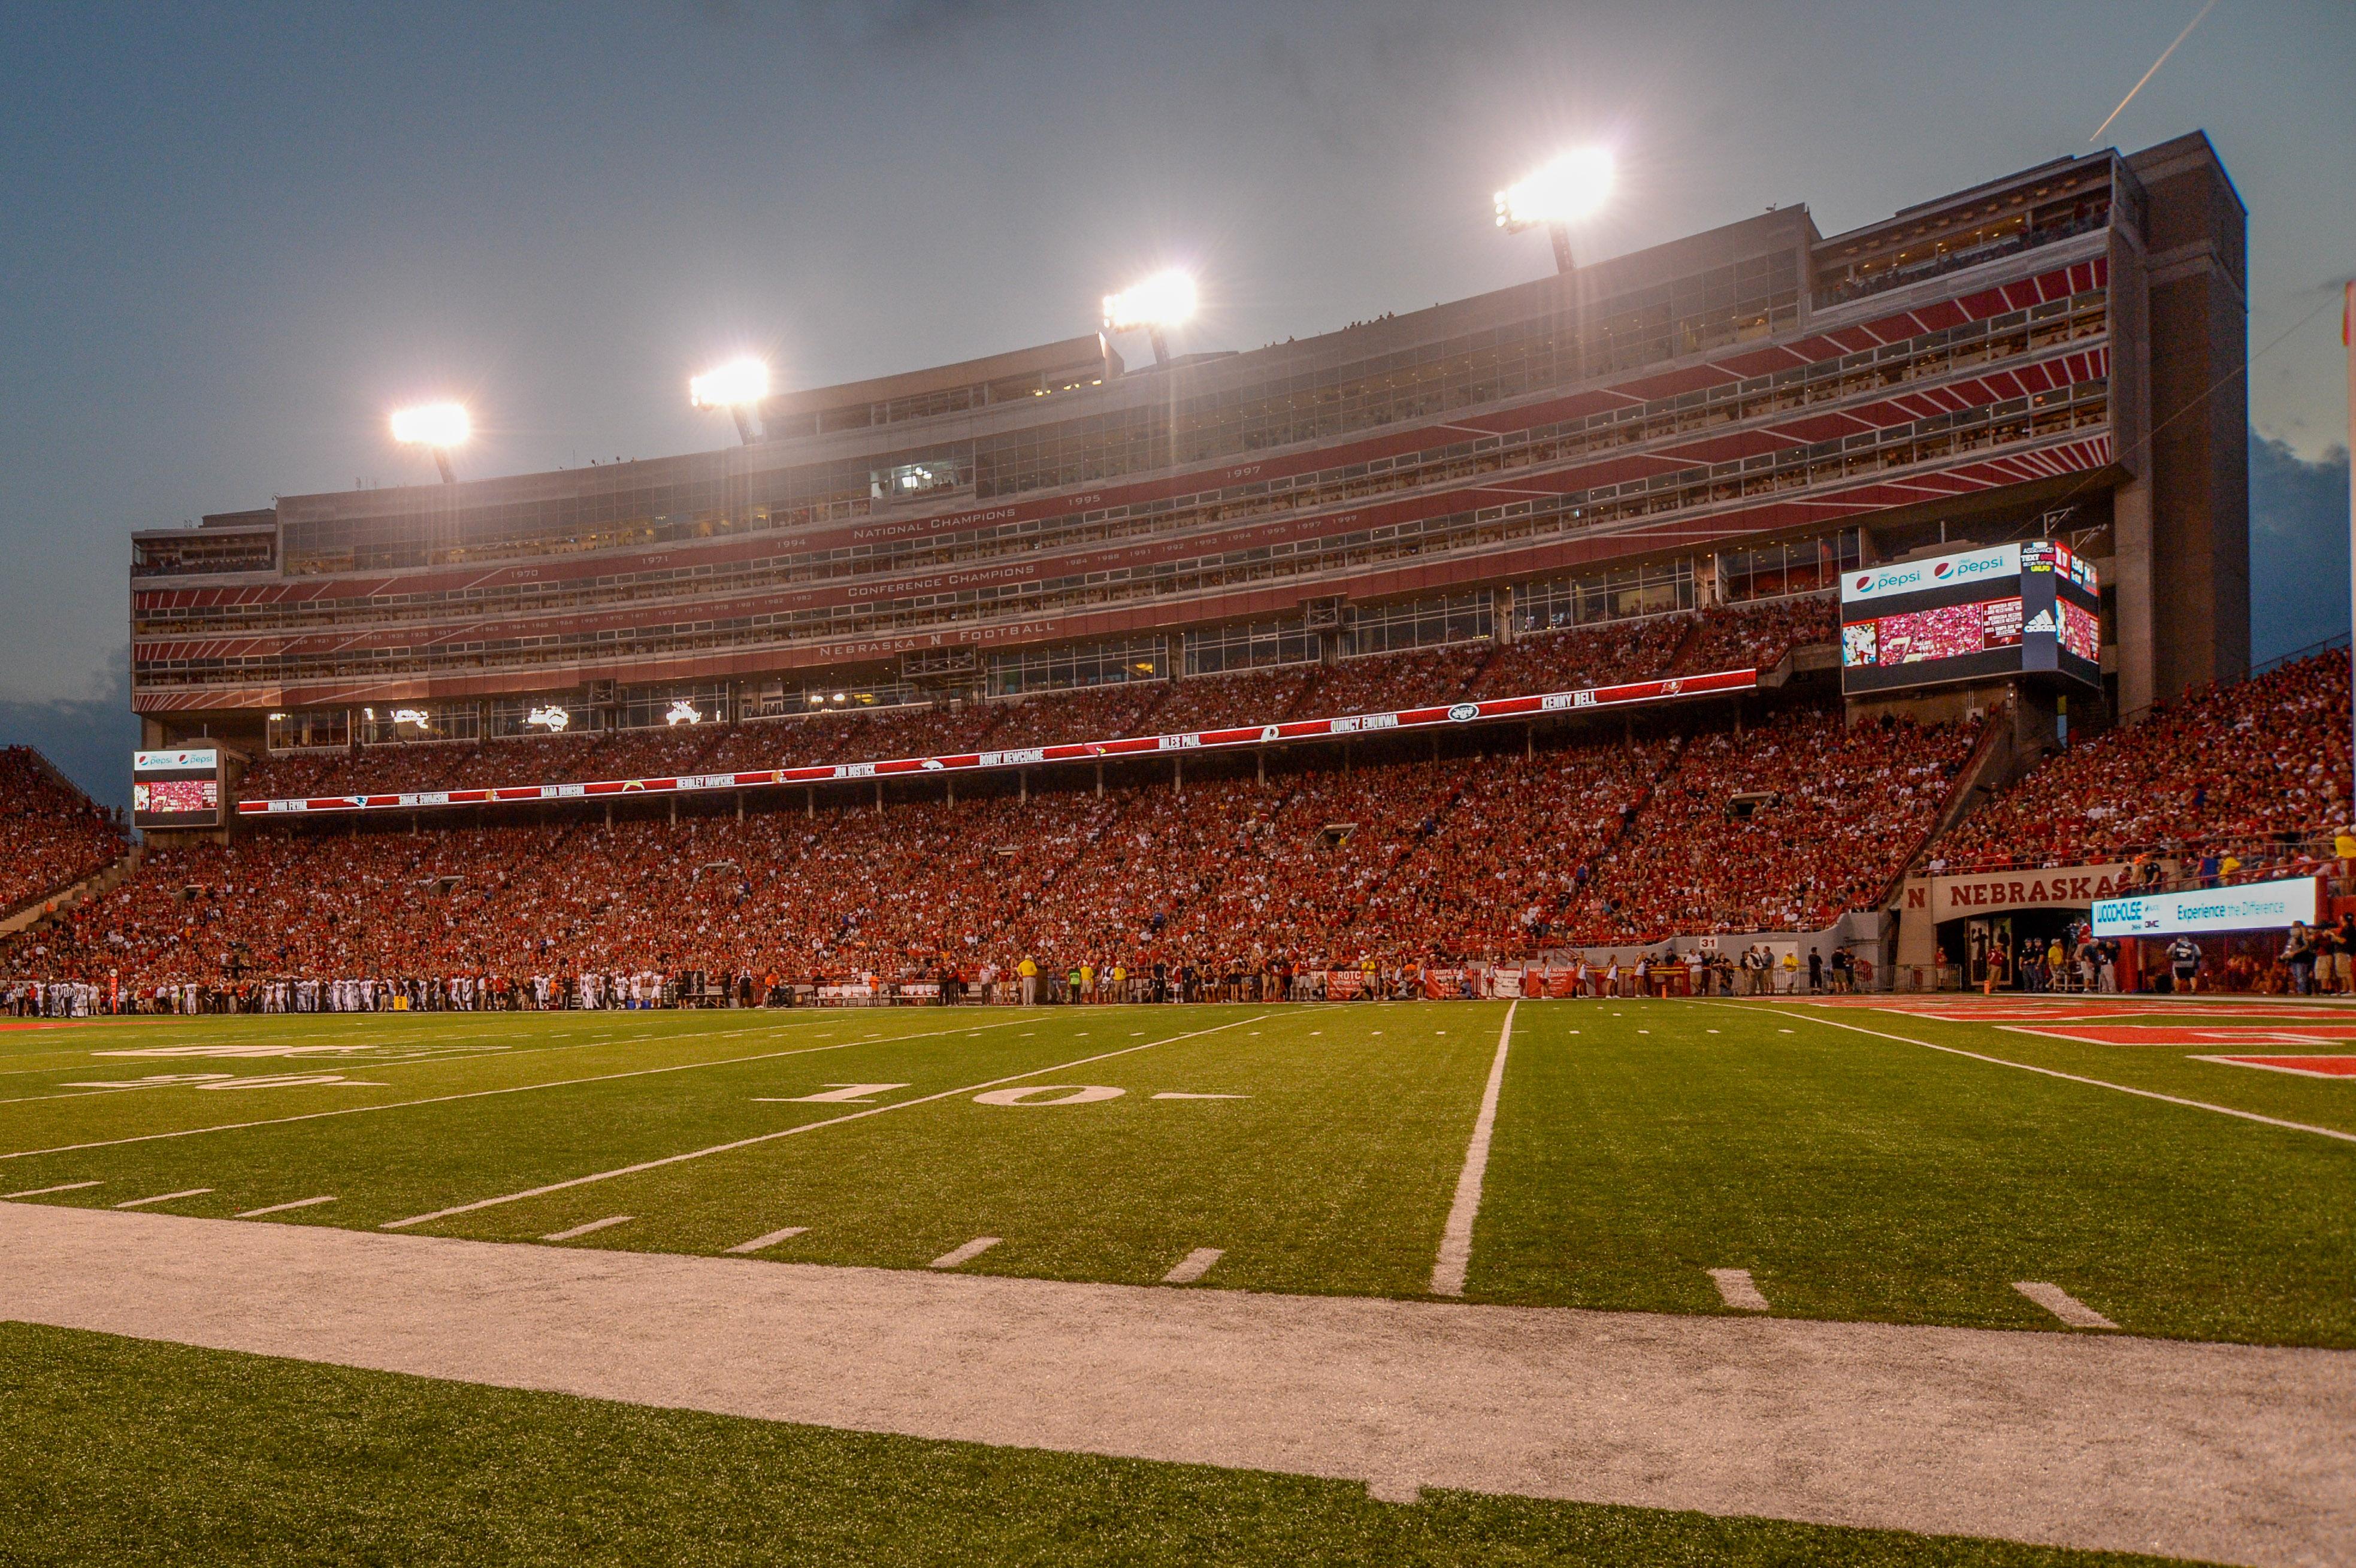 Nebraska Cornhuskers Football Schedule 2020 Nebraska Football: 2020 & 2021 Big Ten Conference Schedule